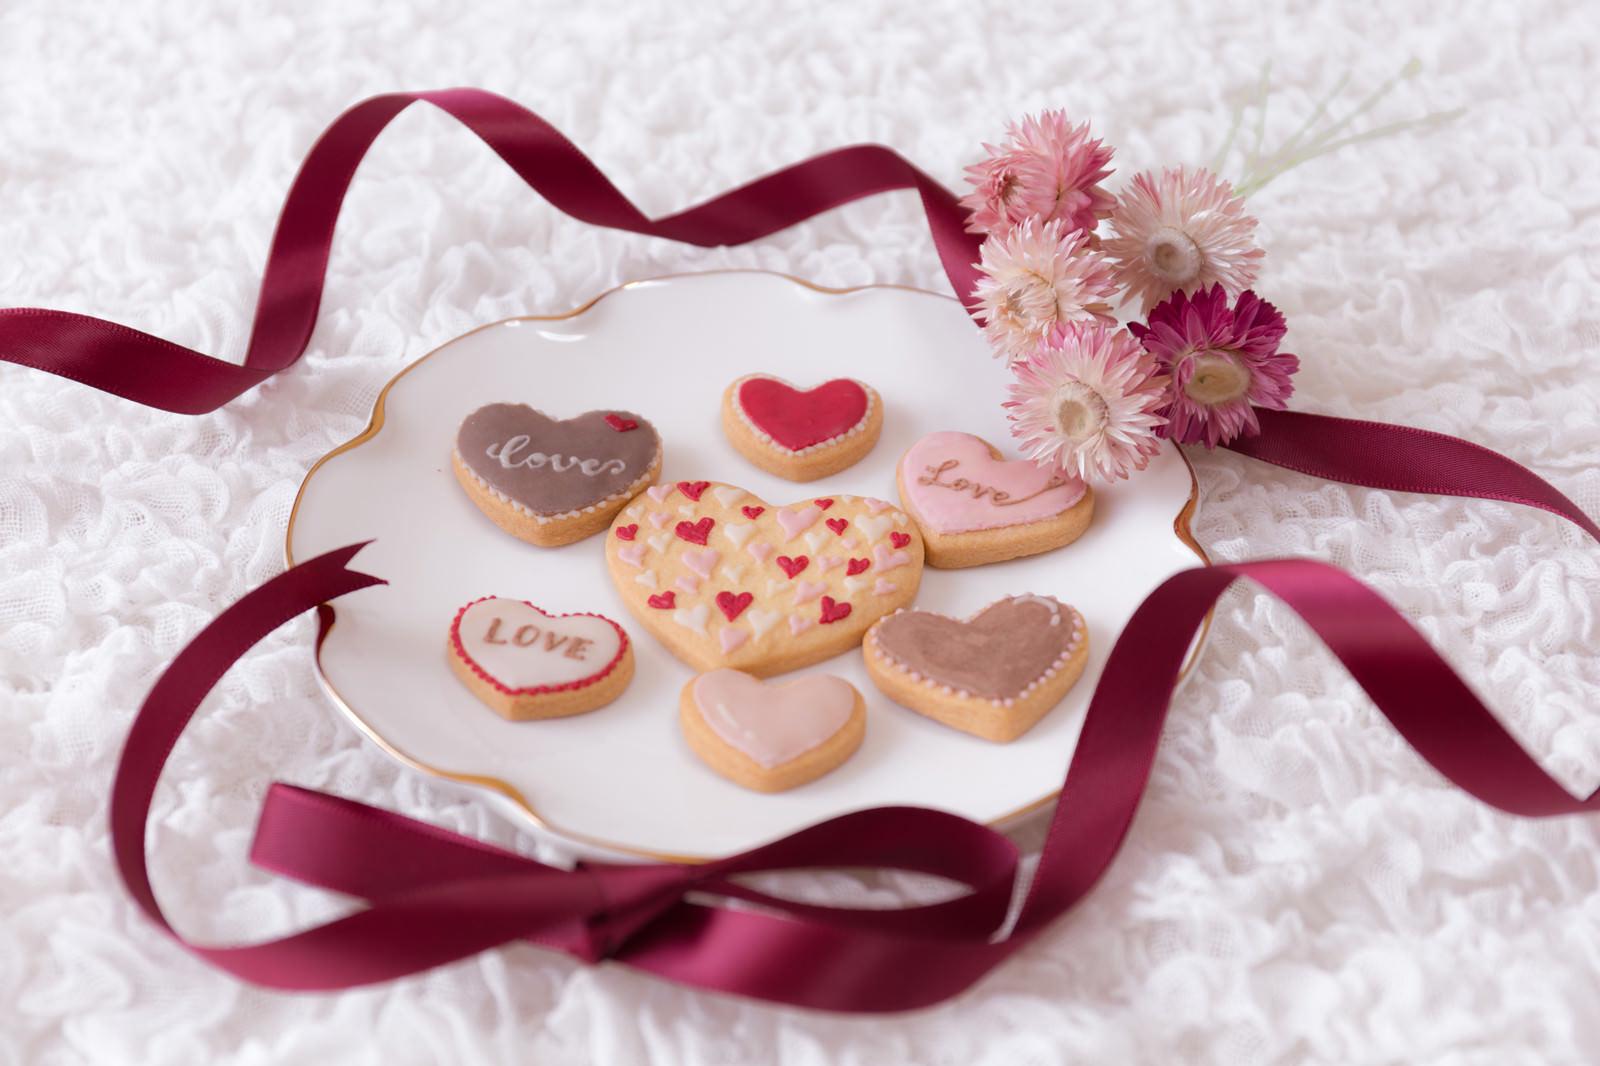 「リボンとハートのクッキー(バレンタイン)」の写真